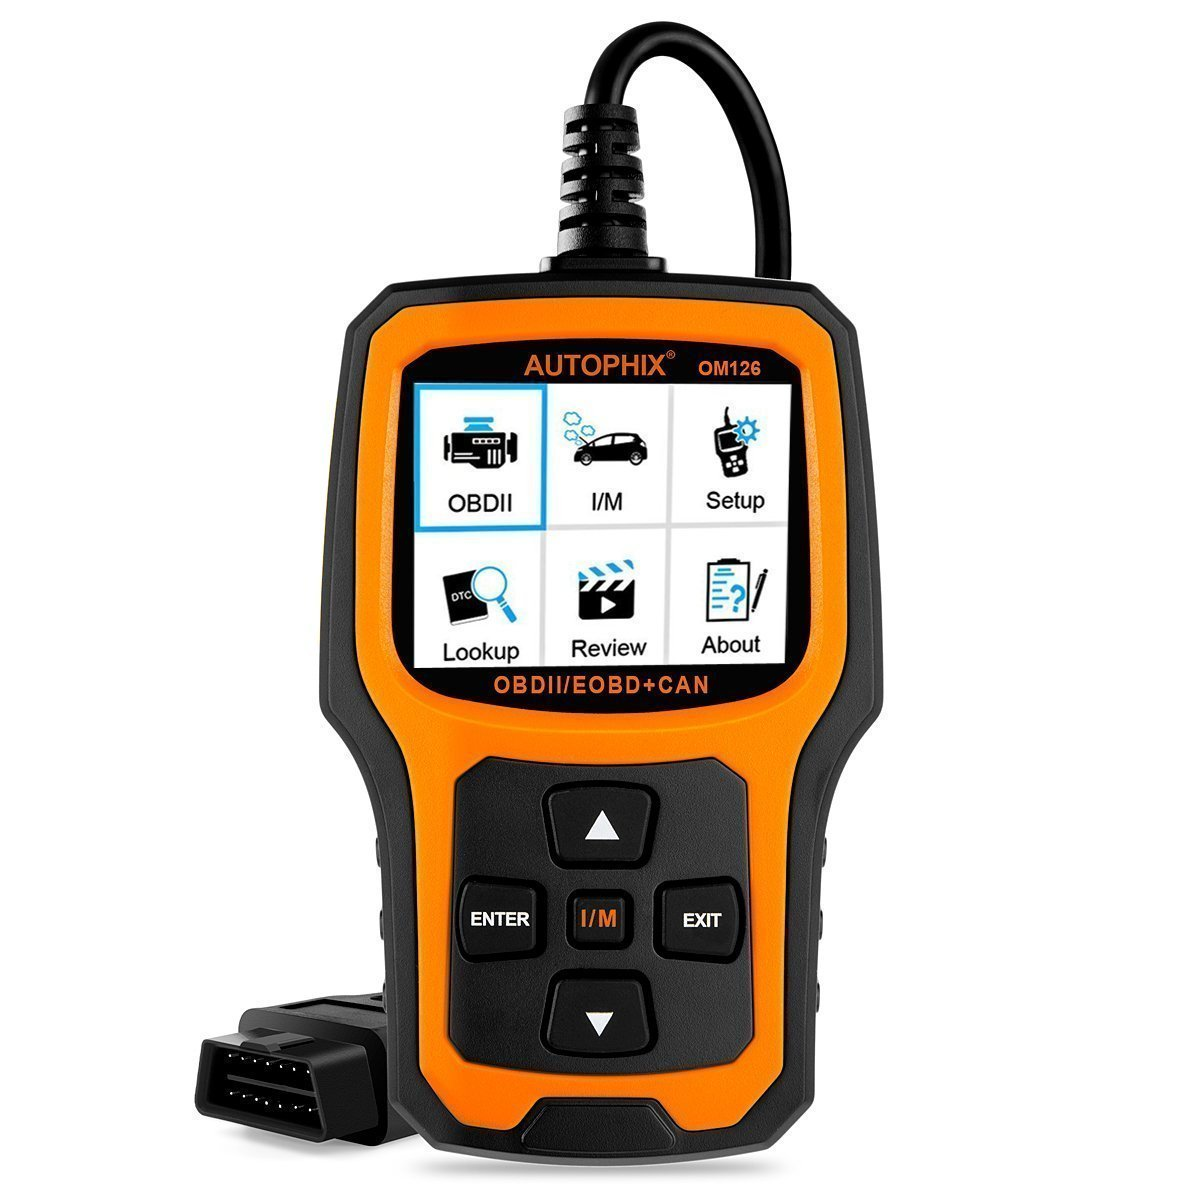 Escáner de Diagnóstico Autophix OM126 Lector de Códigos OBD II Auto Coche Herramienta de Análisis de Diagnosis Con Pantalla En Color: Amazon.es: Coche y ...